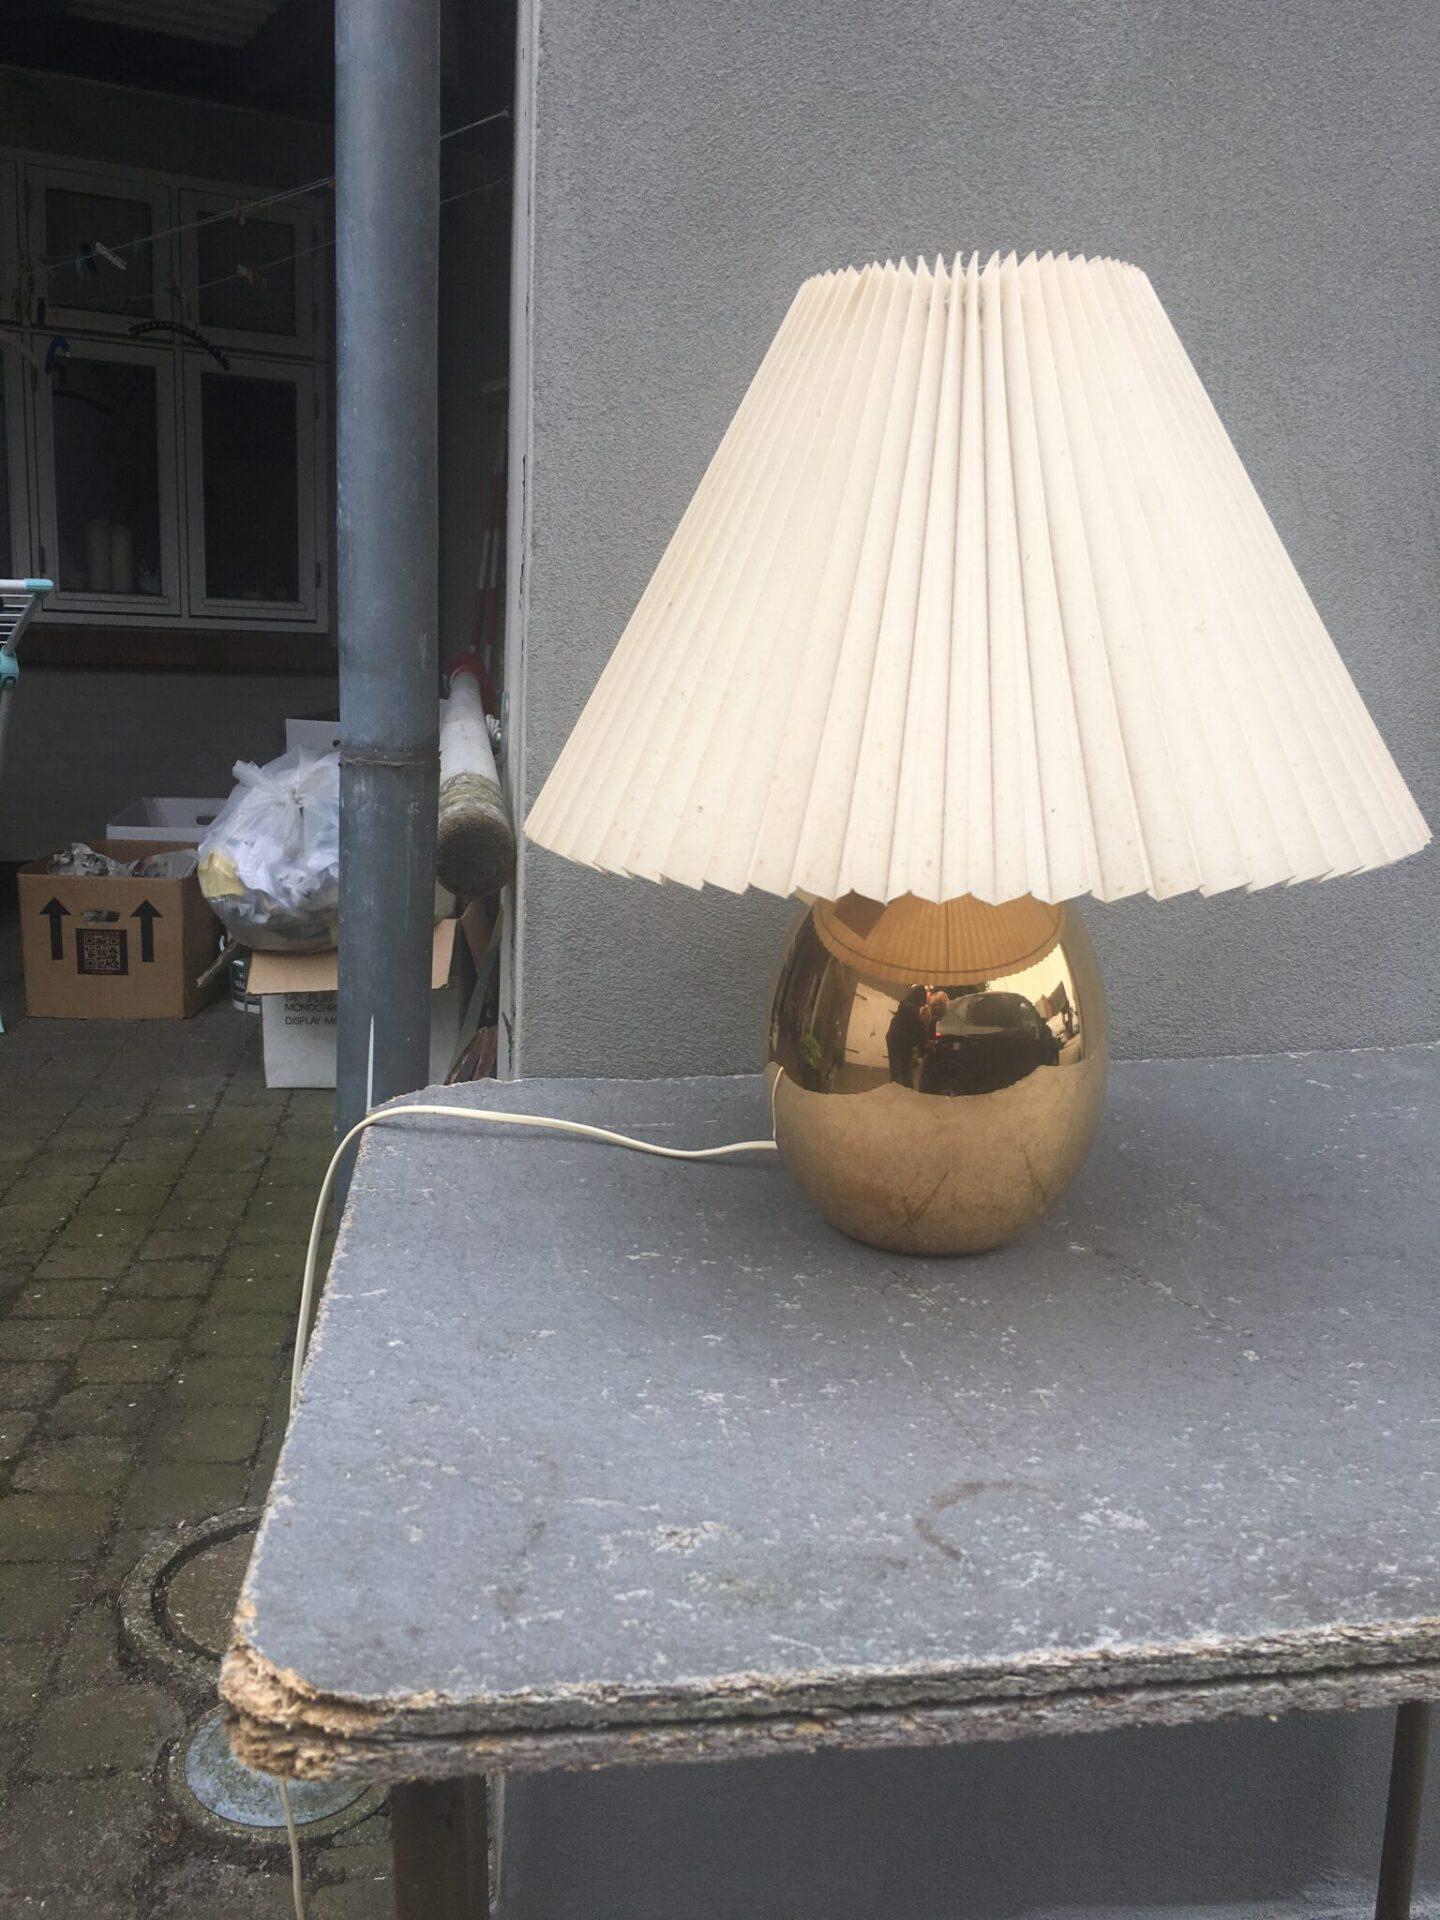 Le Klint bordlampe af messing (let ramponeret skærm. Pris 600 kr